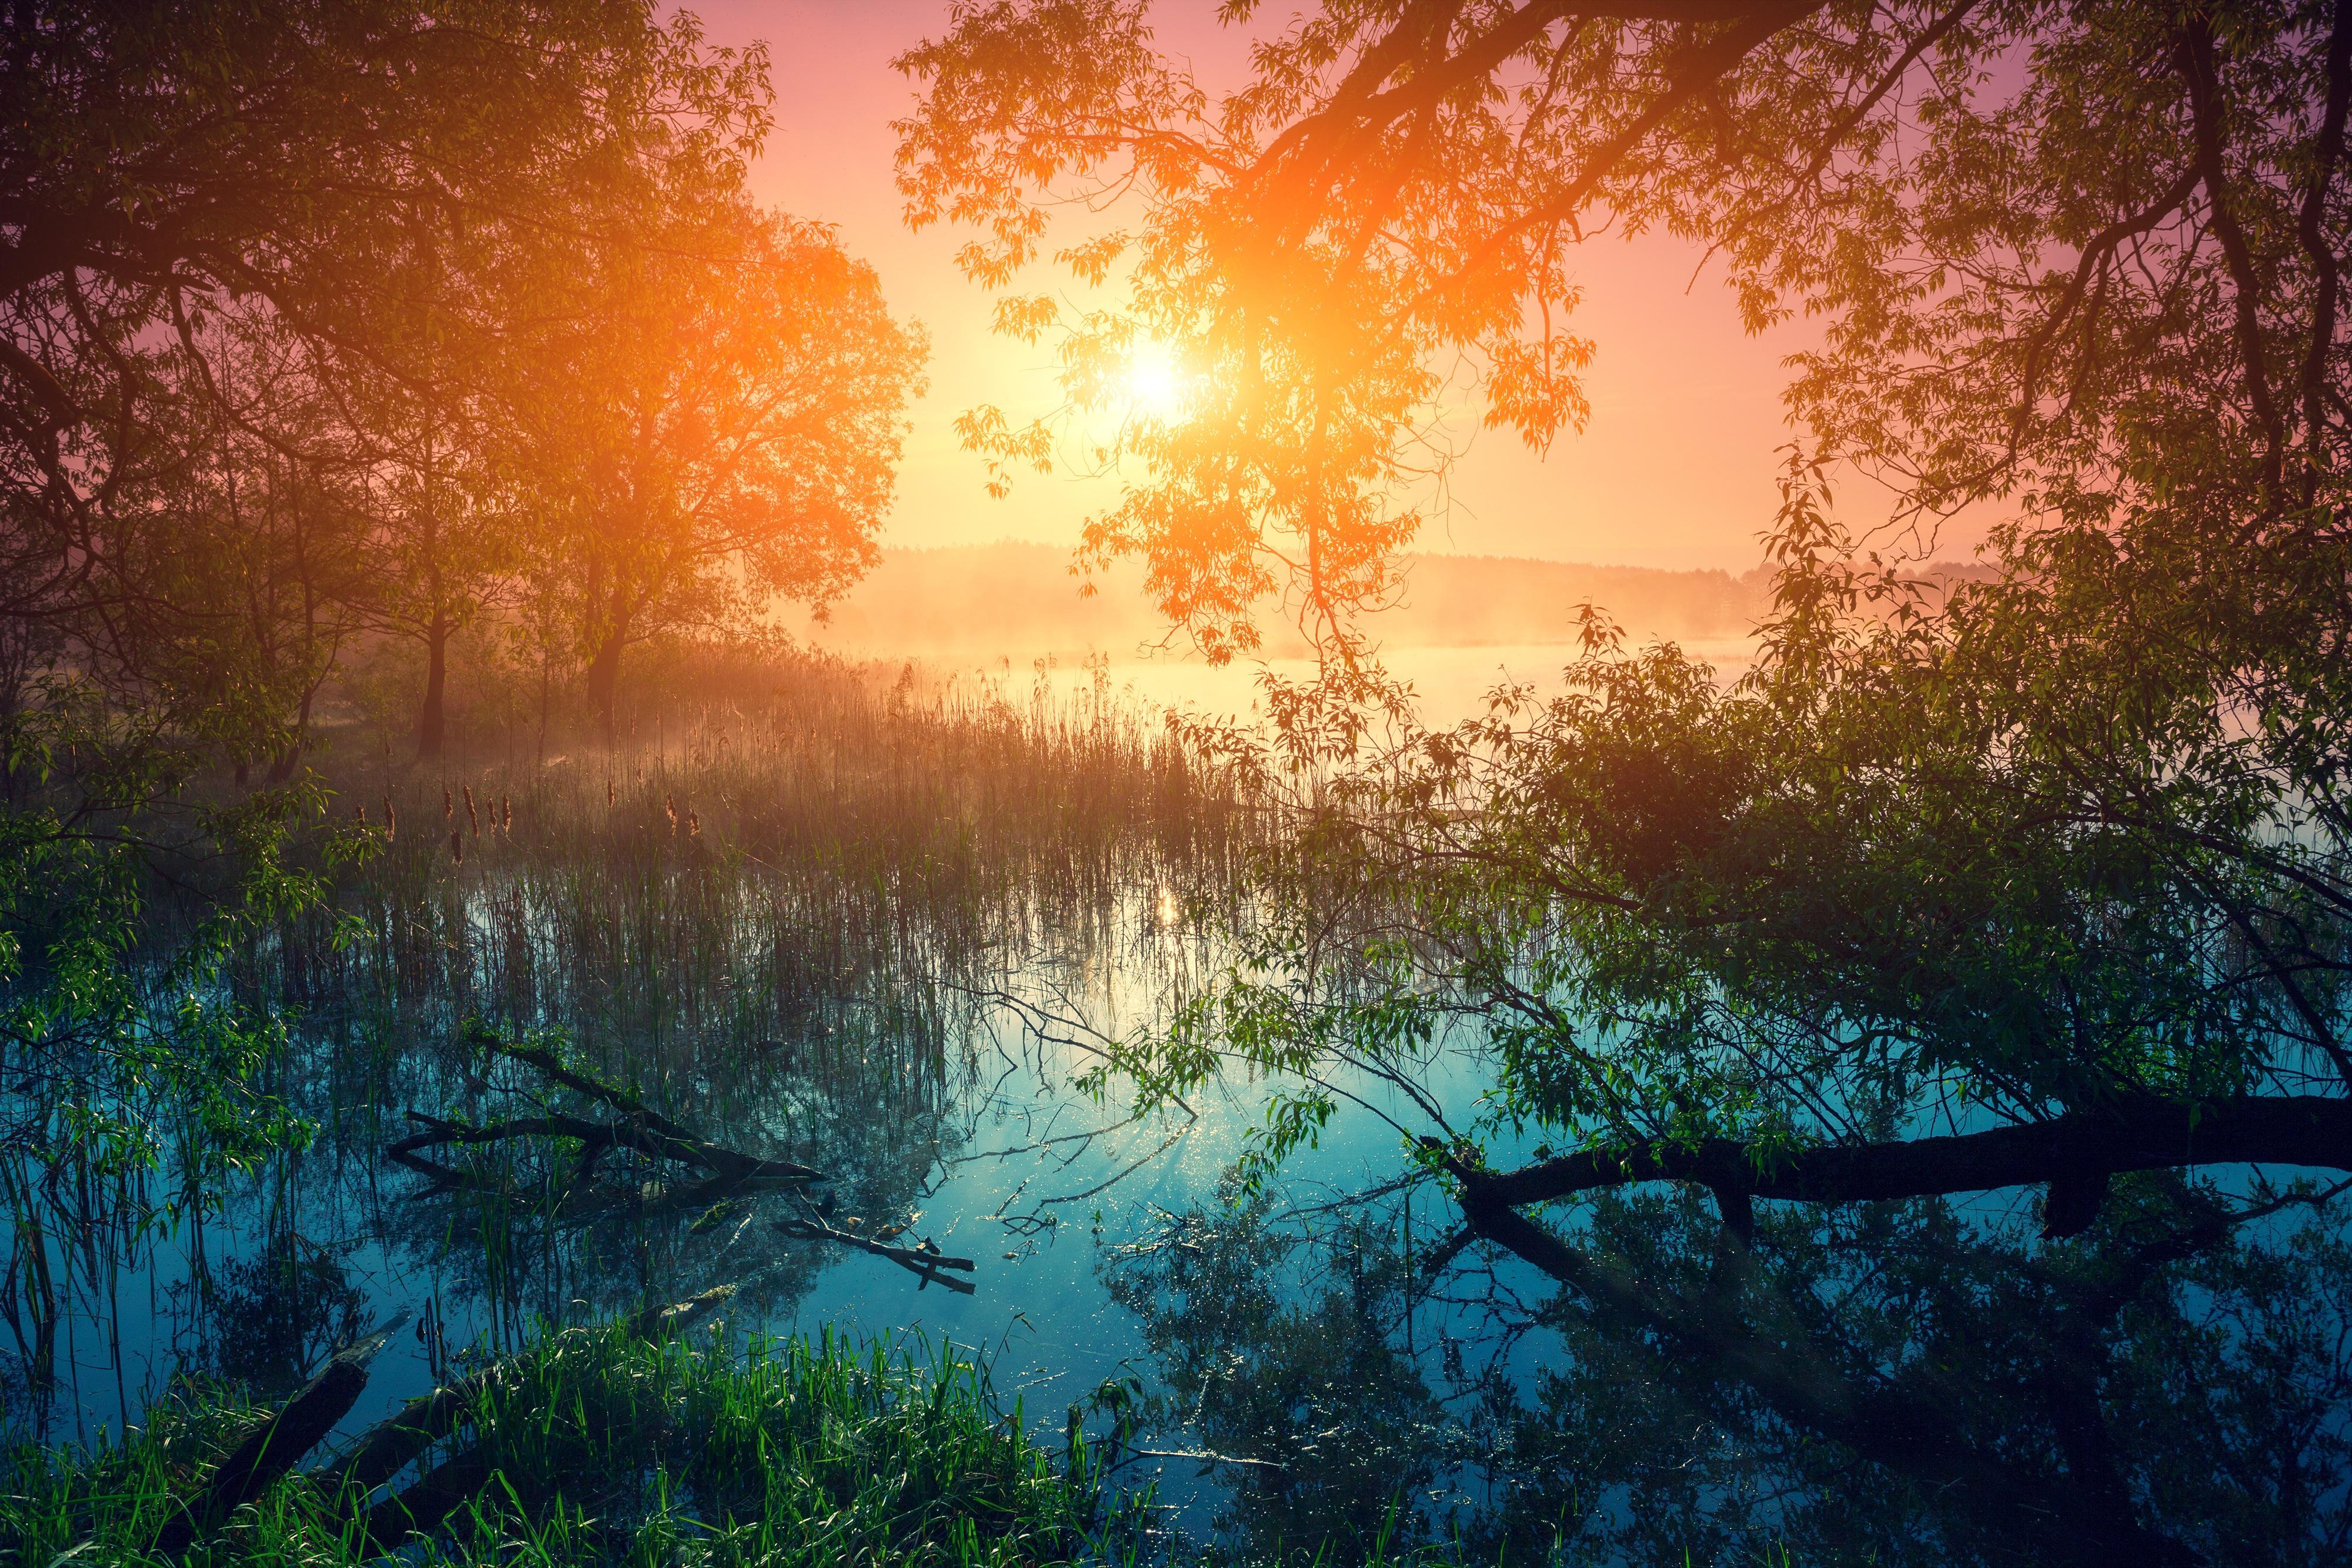 закат озеро осень трава  № 1020839 загрузить